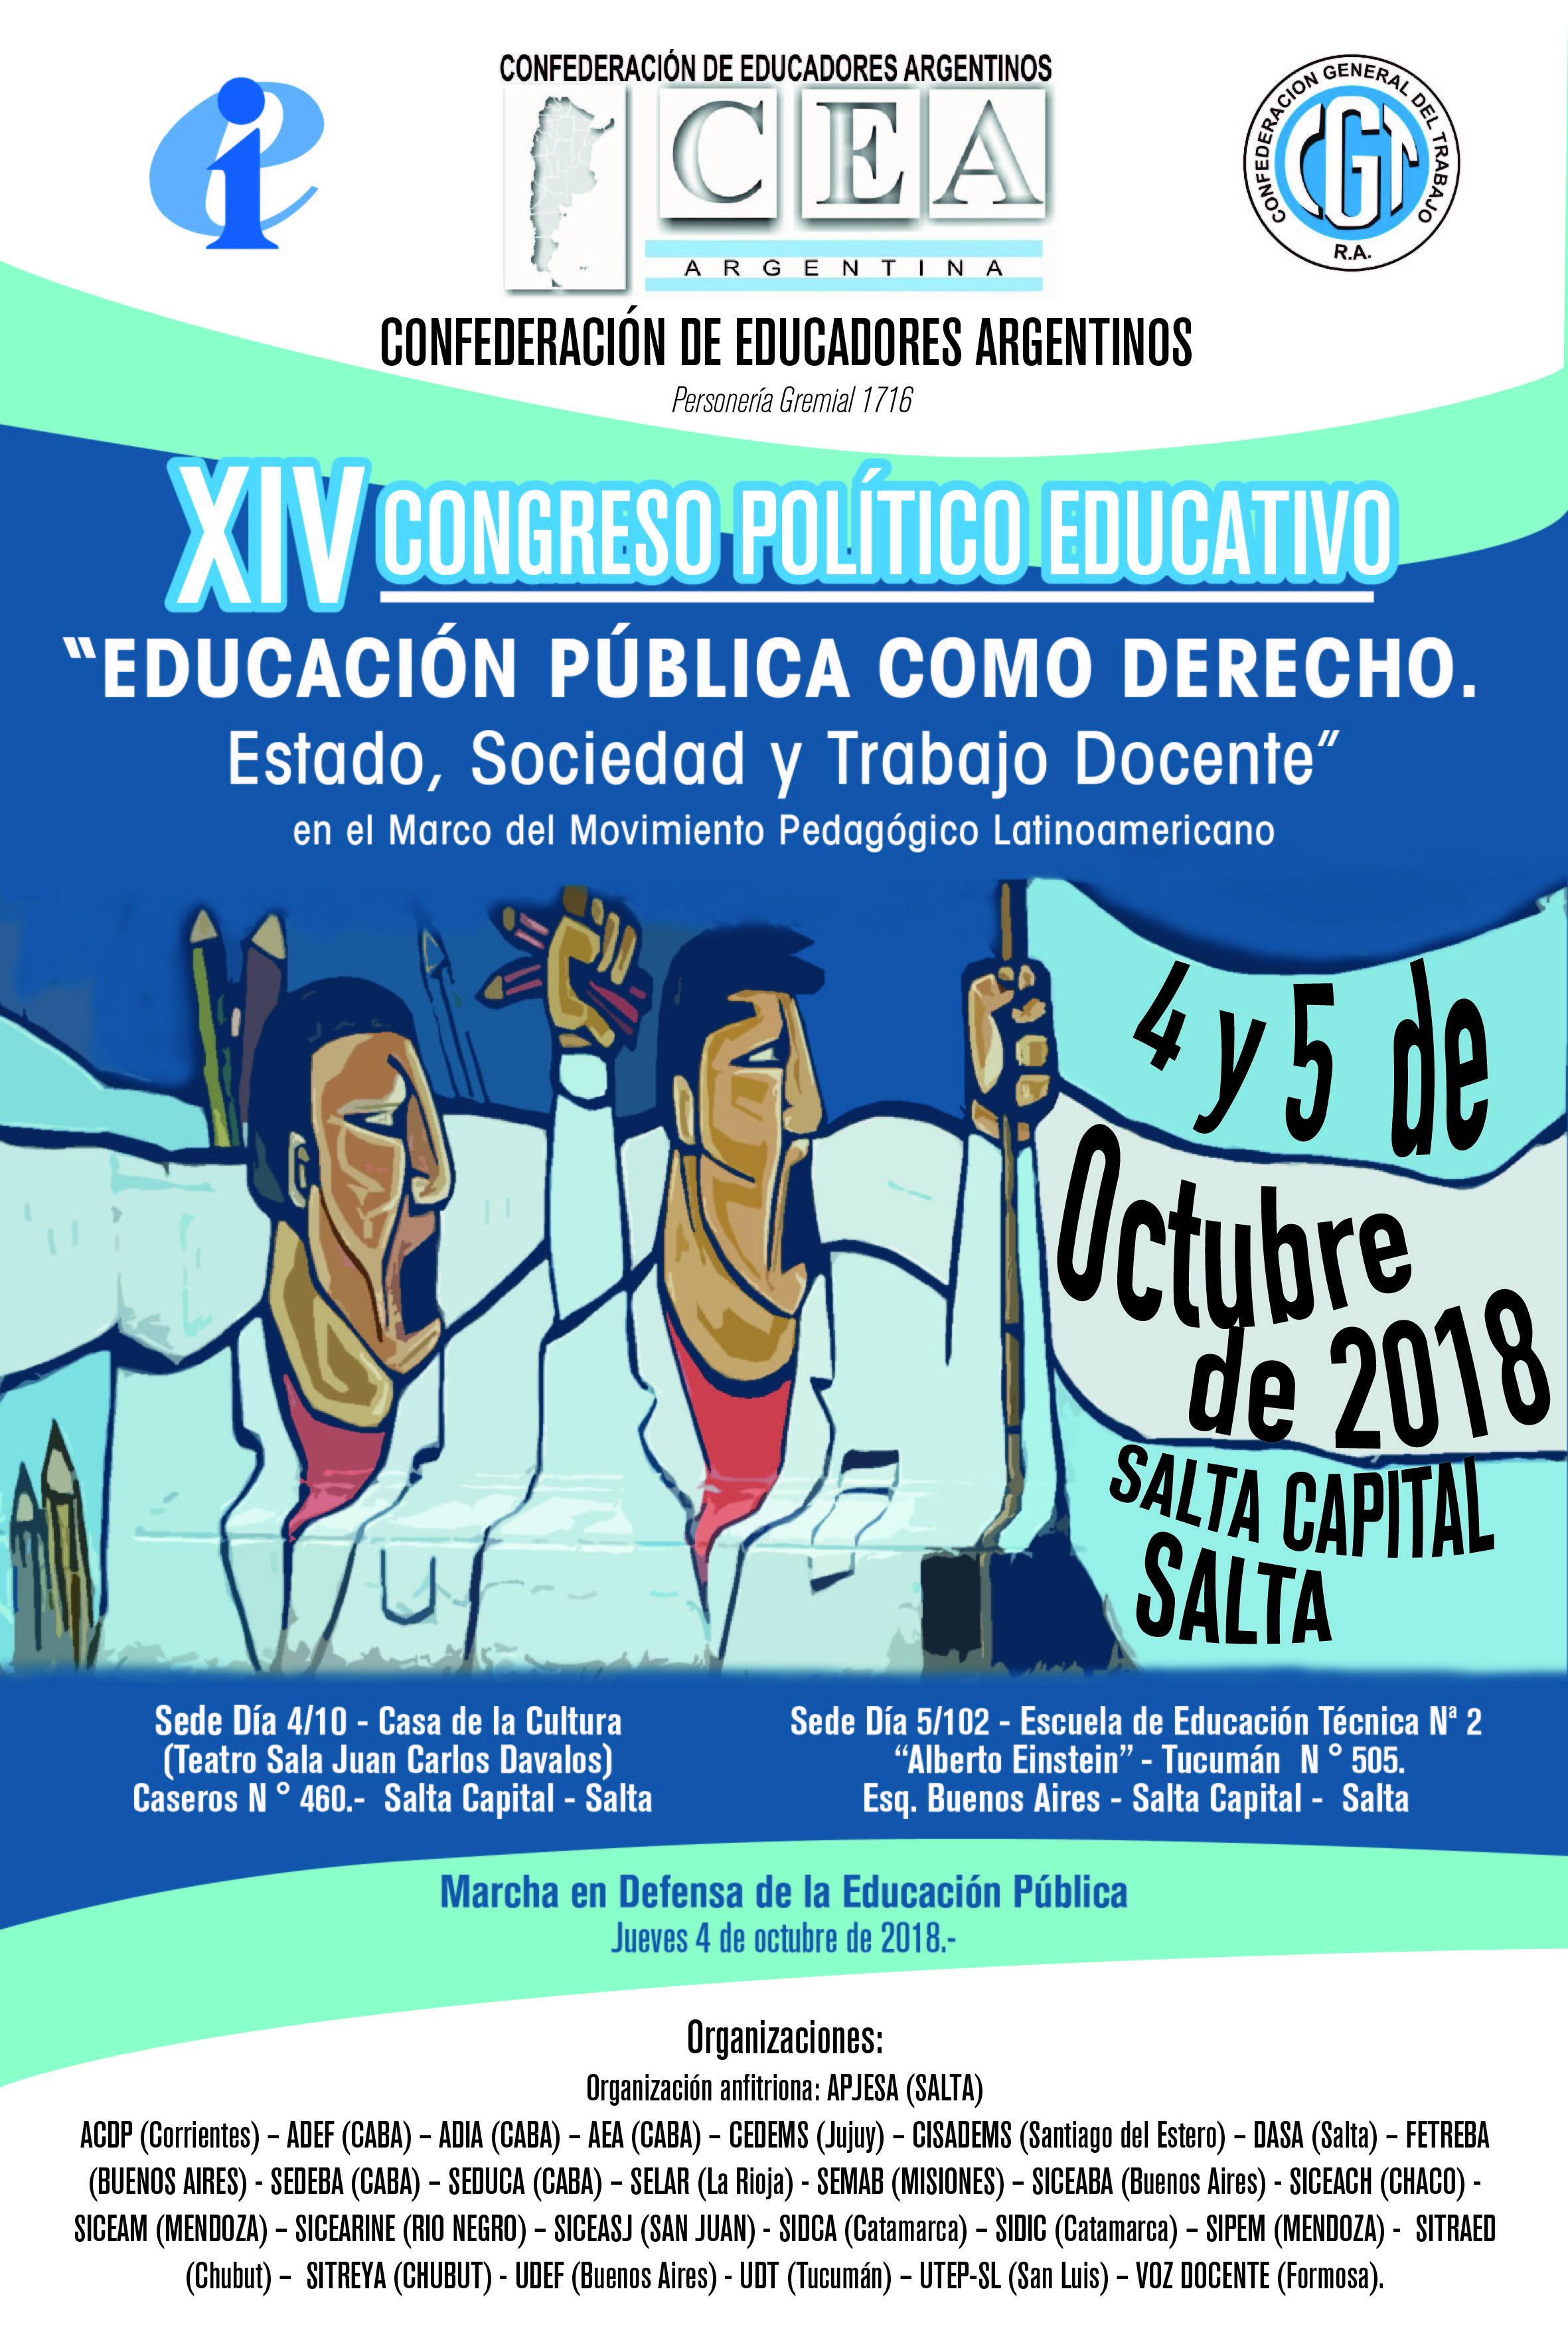 EXPECTATIVAS del INICIO del XIV CONGRESO POLITICO EDUCATIVO de la ...